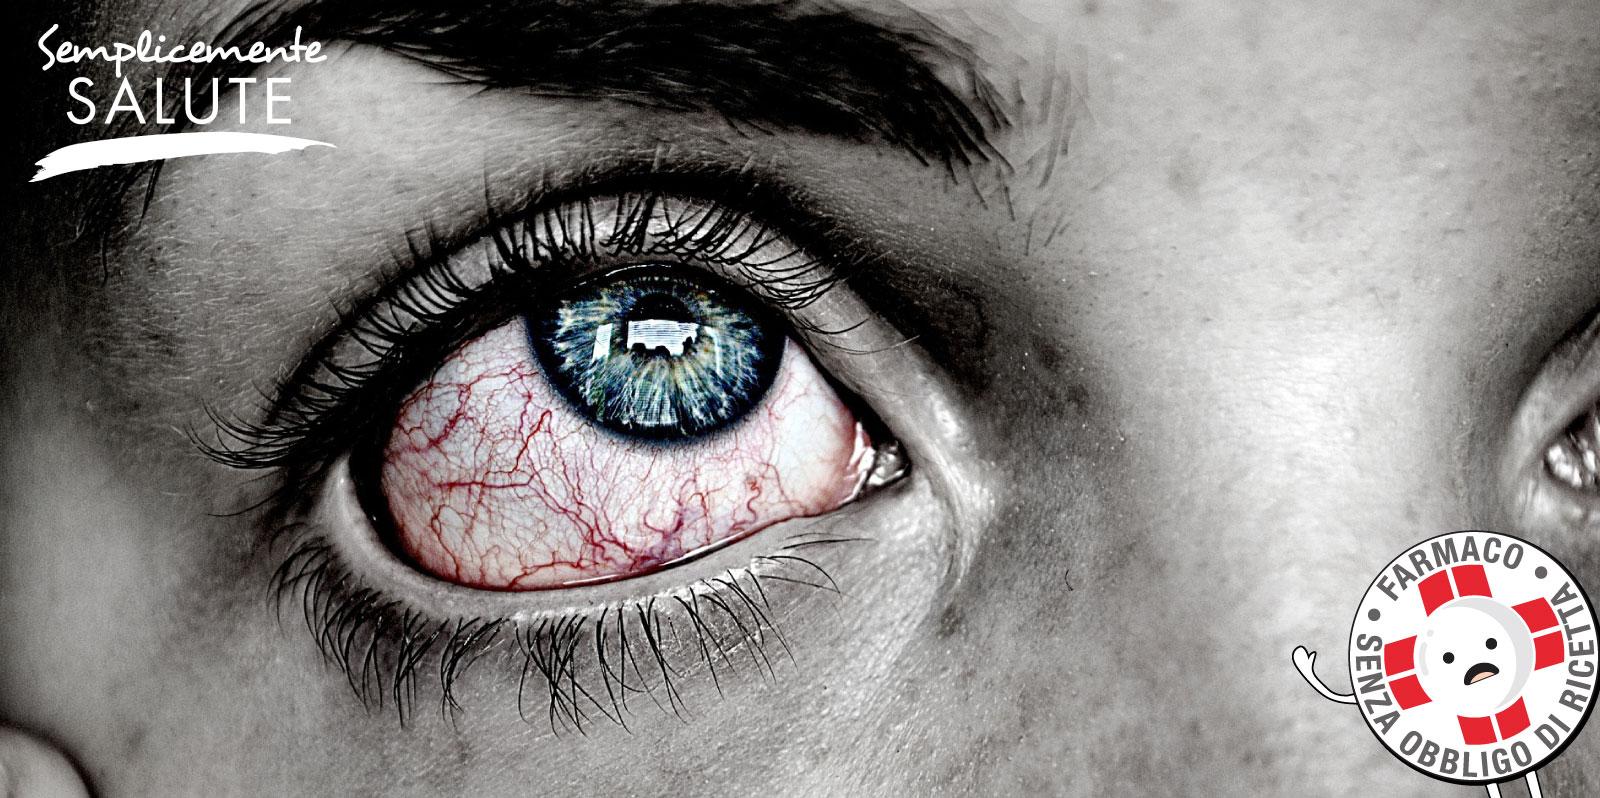 Aiuto mi bruciano gli occhi